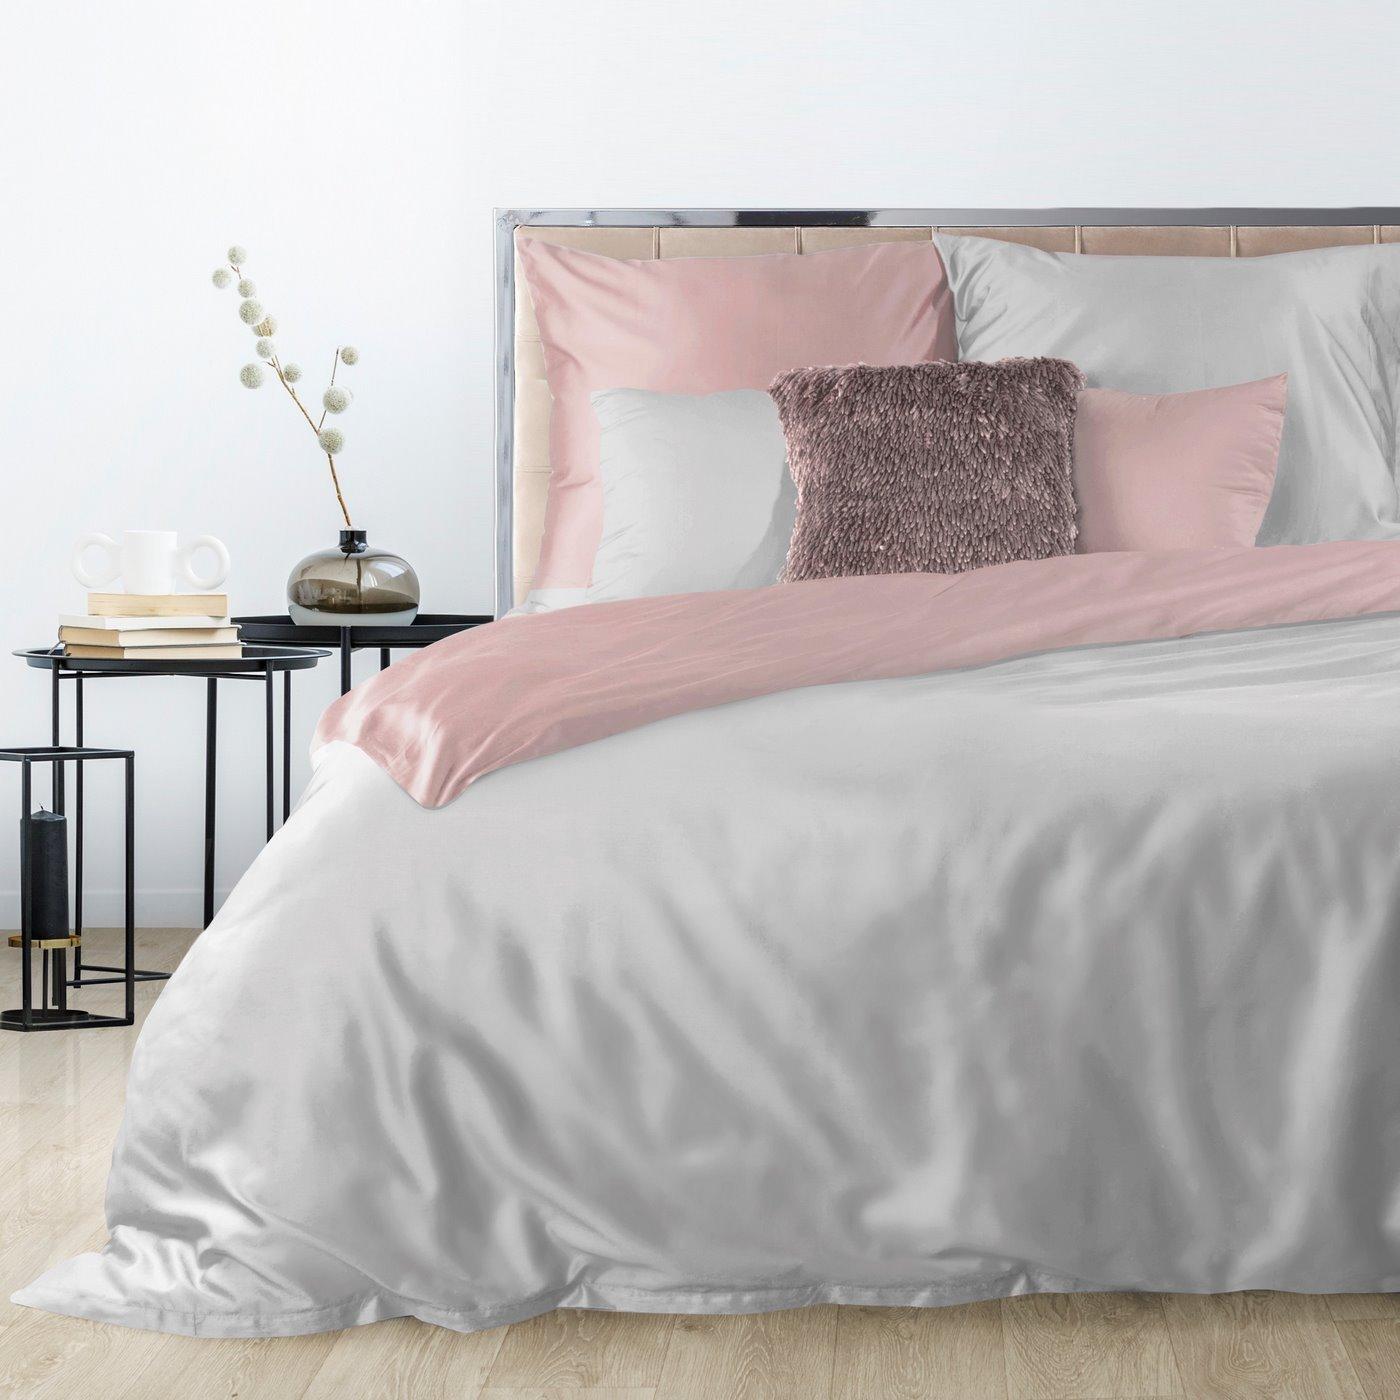 Komplet pościeli z makosatyny bawełnianej 140 x 200 cm, 1szt. 70 x 80 cm, popielato-różowy